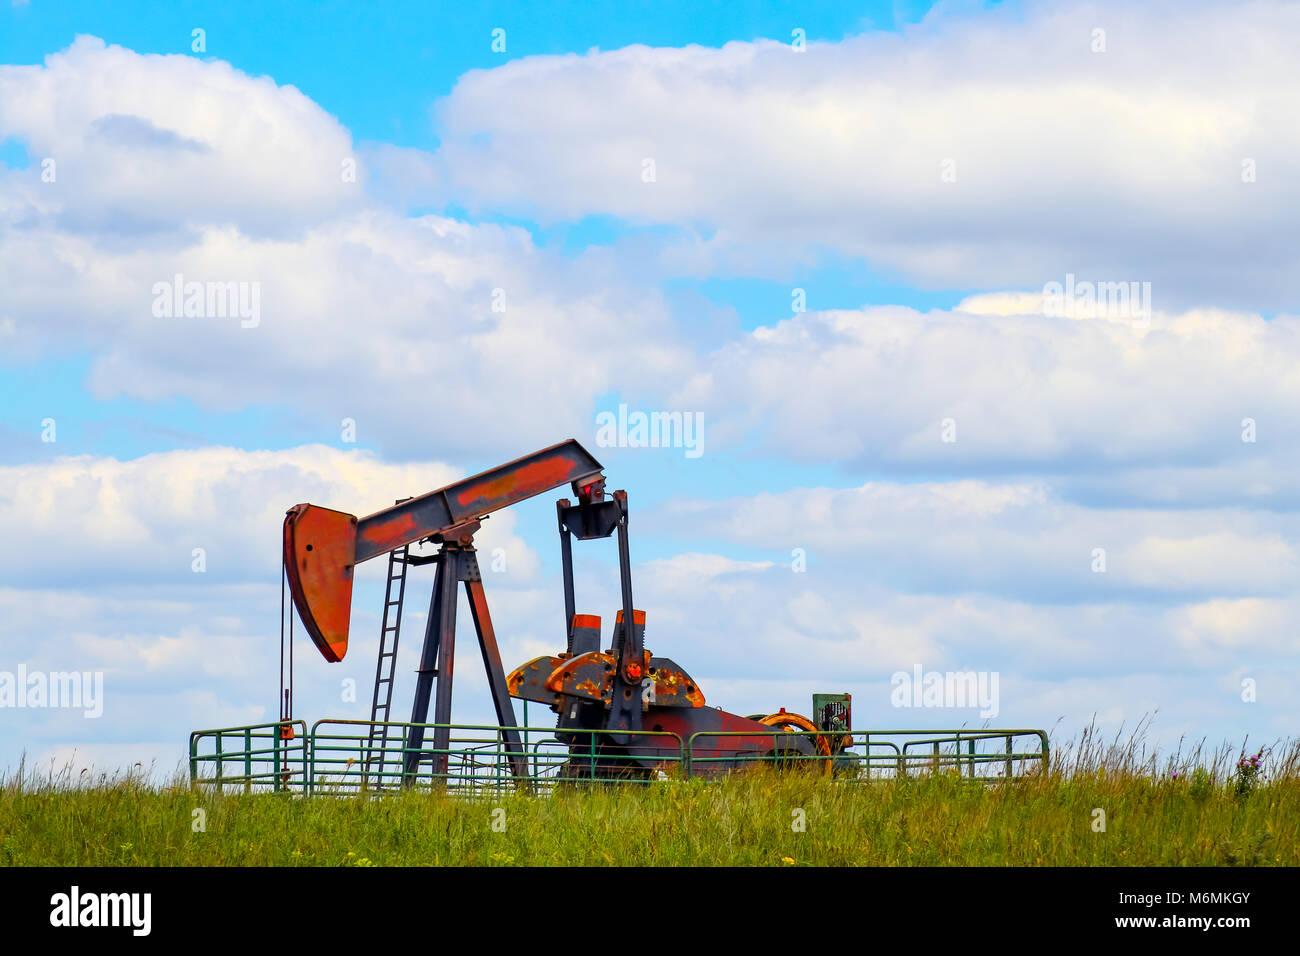 Bunte Pumpe Buchse auf Öl gut - geringe Horizont auf Wiese mit grünem Gras und wilden Blumen - big blue bewölkten Stockfoto